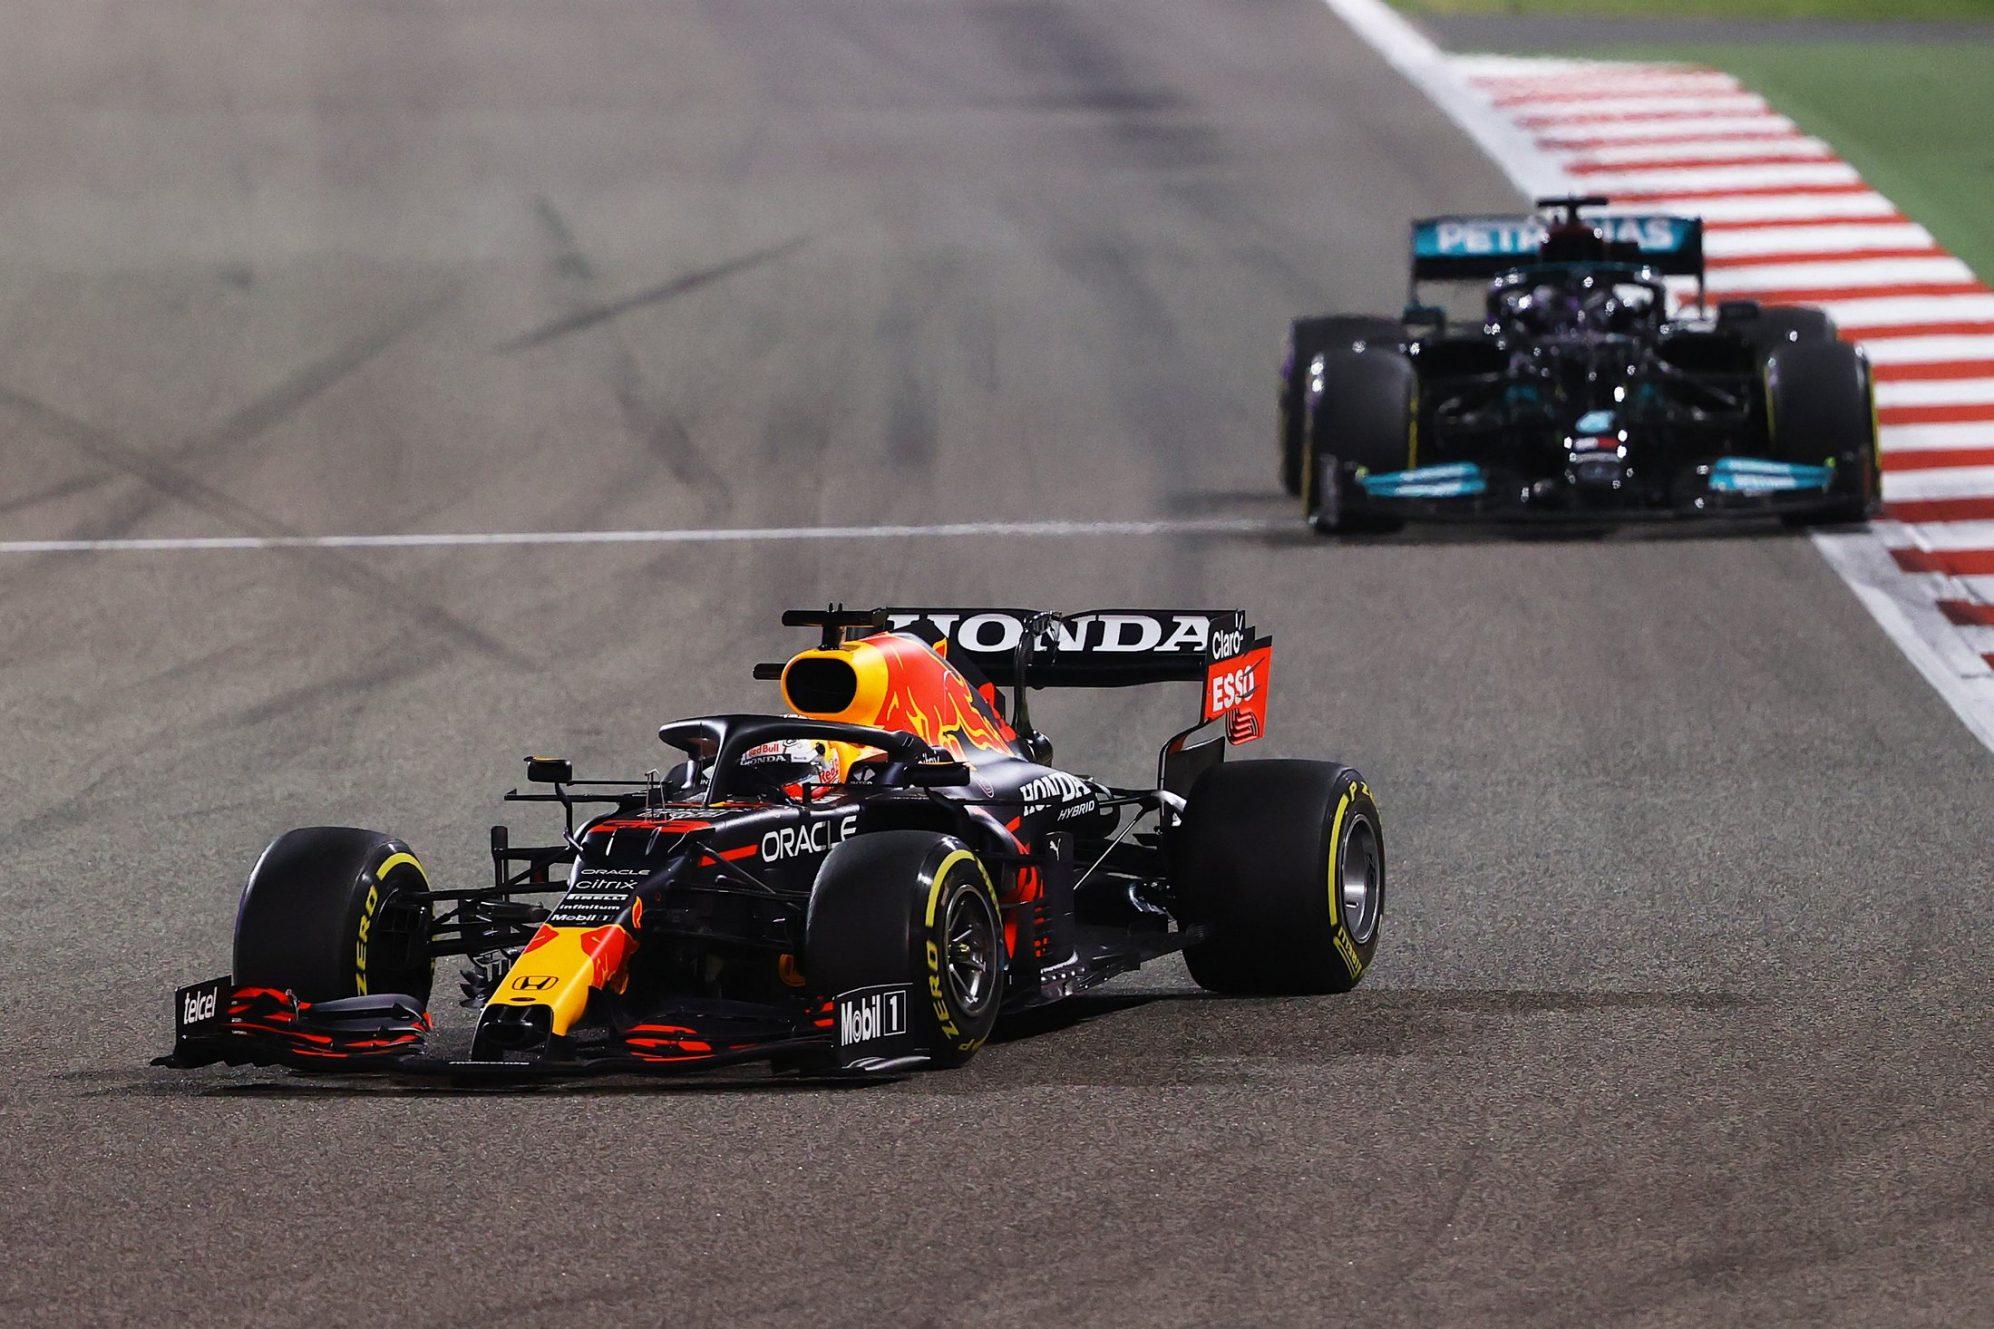 Verstappen có lợi thế lớn nhờ xuất phát đầu, nhưng không thắng được độ lì đòn và chiến thuật hợp lý của Hamilton. Ảnh: Formula 1